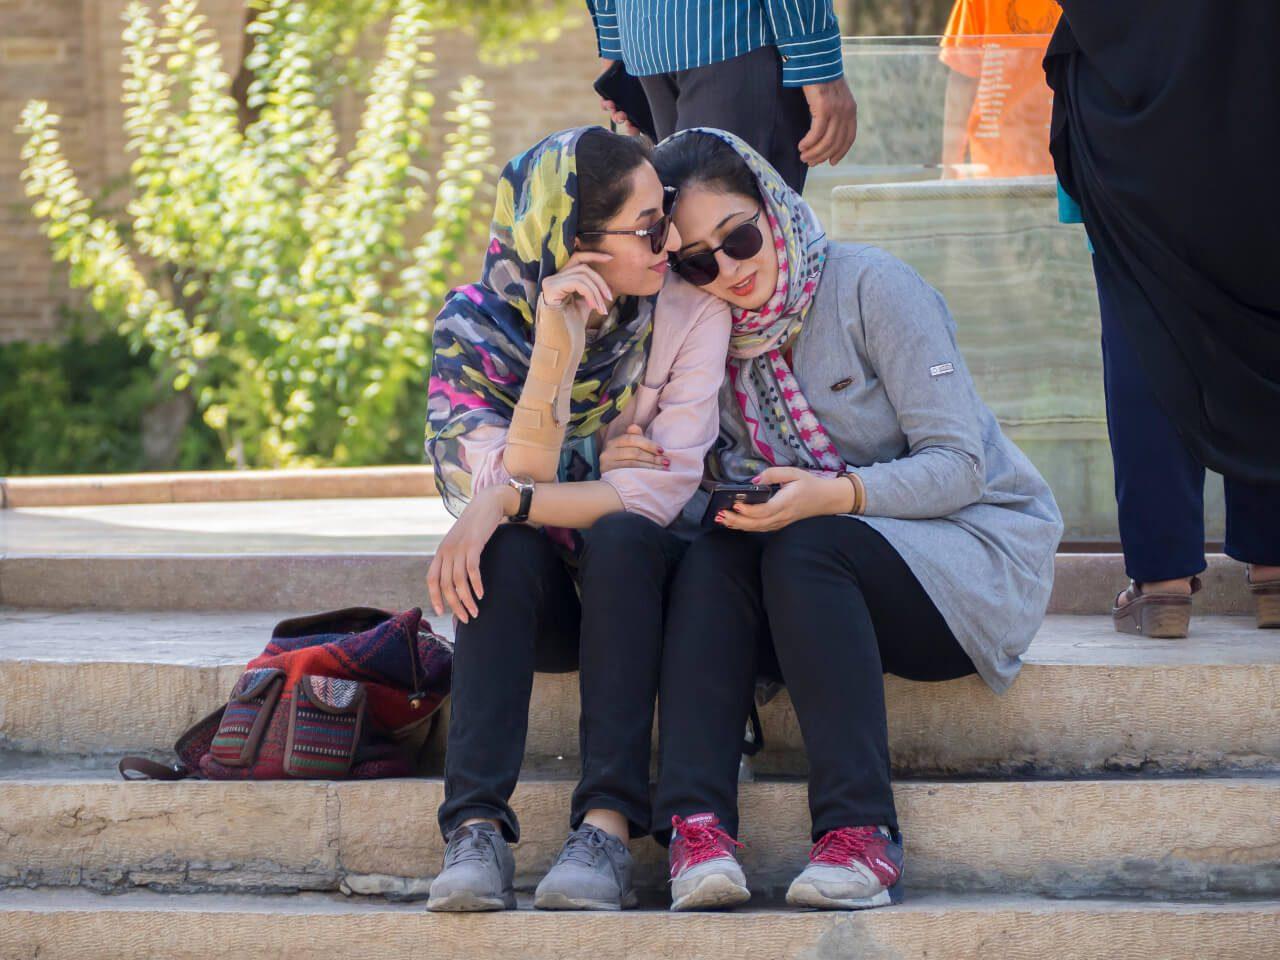 Irańskie kobiety - zwiedzanie Iranu